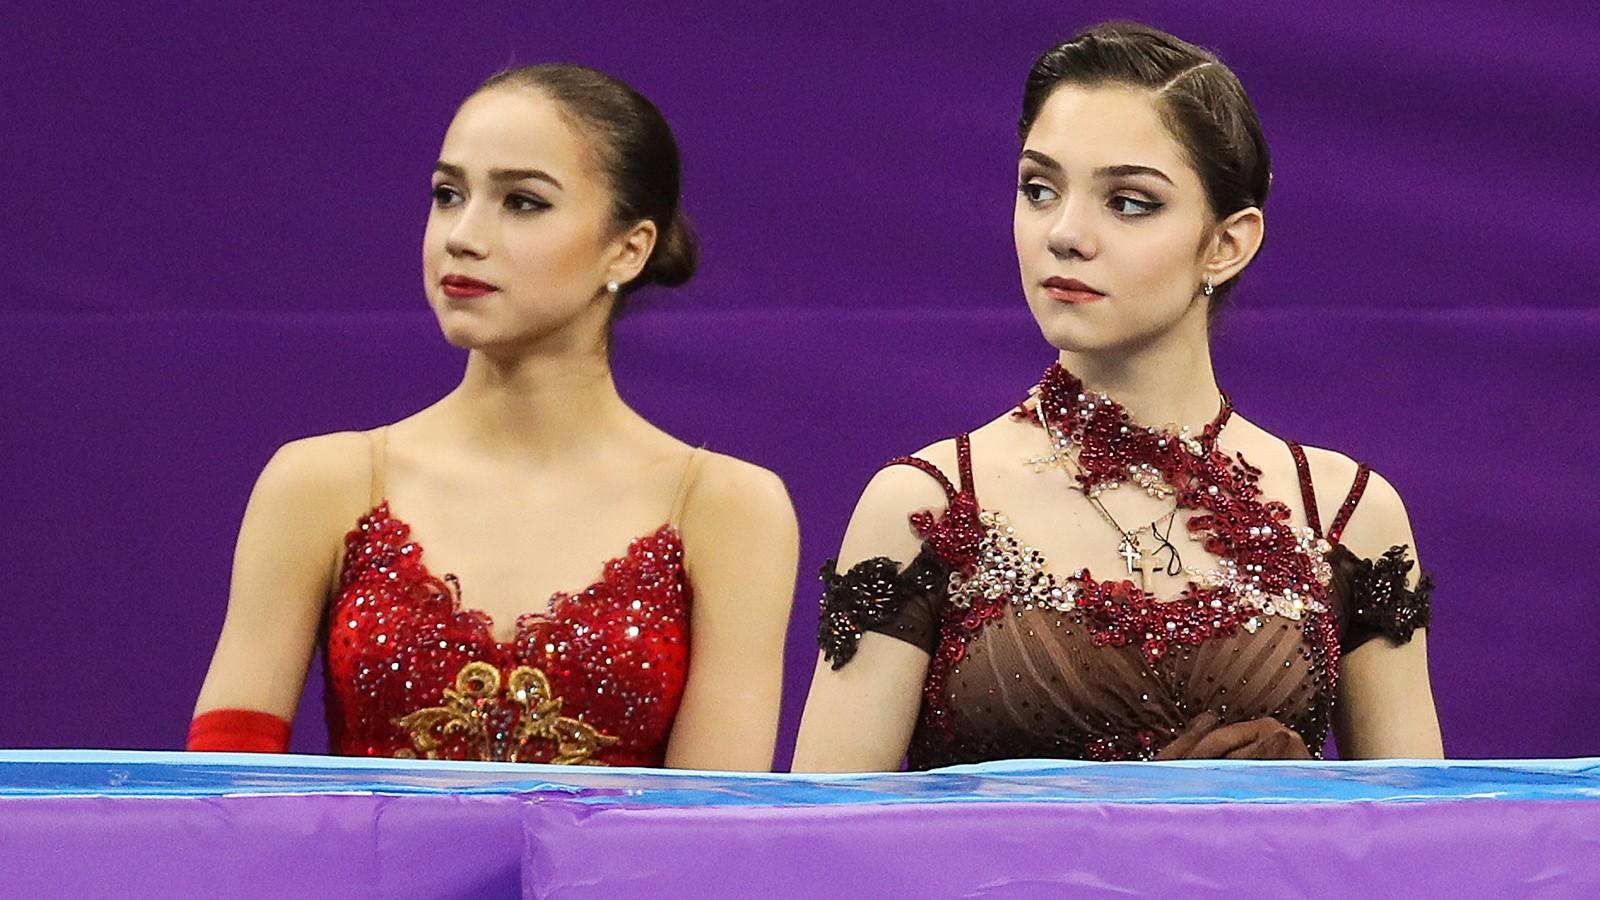 Գեղասահքի Եվրոպայի առաջնությանը Ռուսաստանի կանանց հավաքականը կմասնակցի առանց Զագիտովայի և Մեդվեդևայի